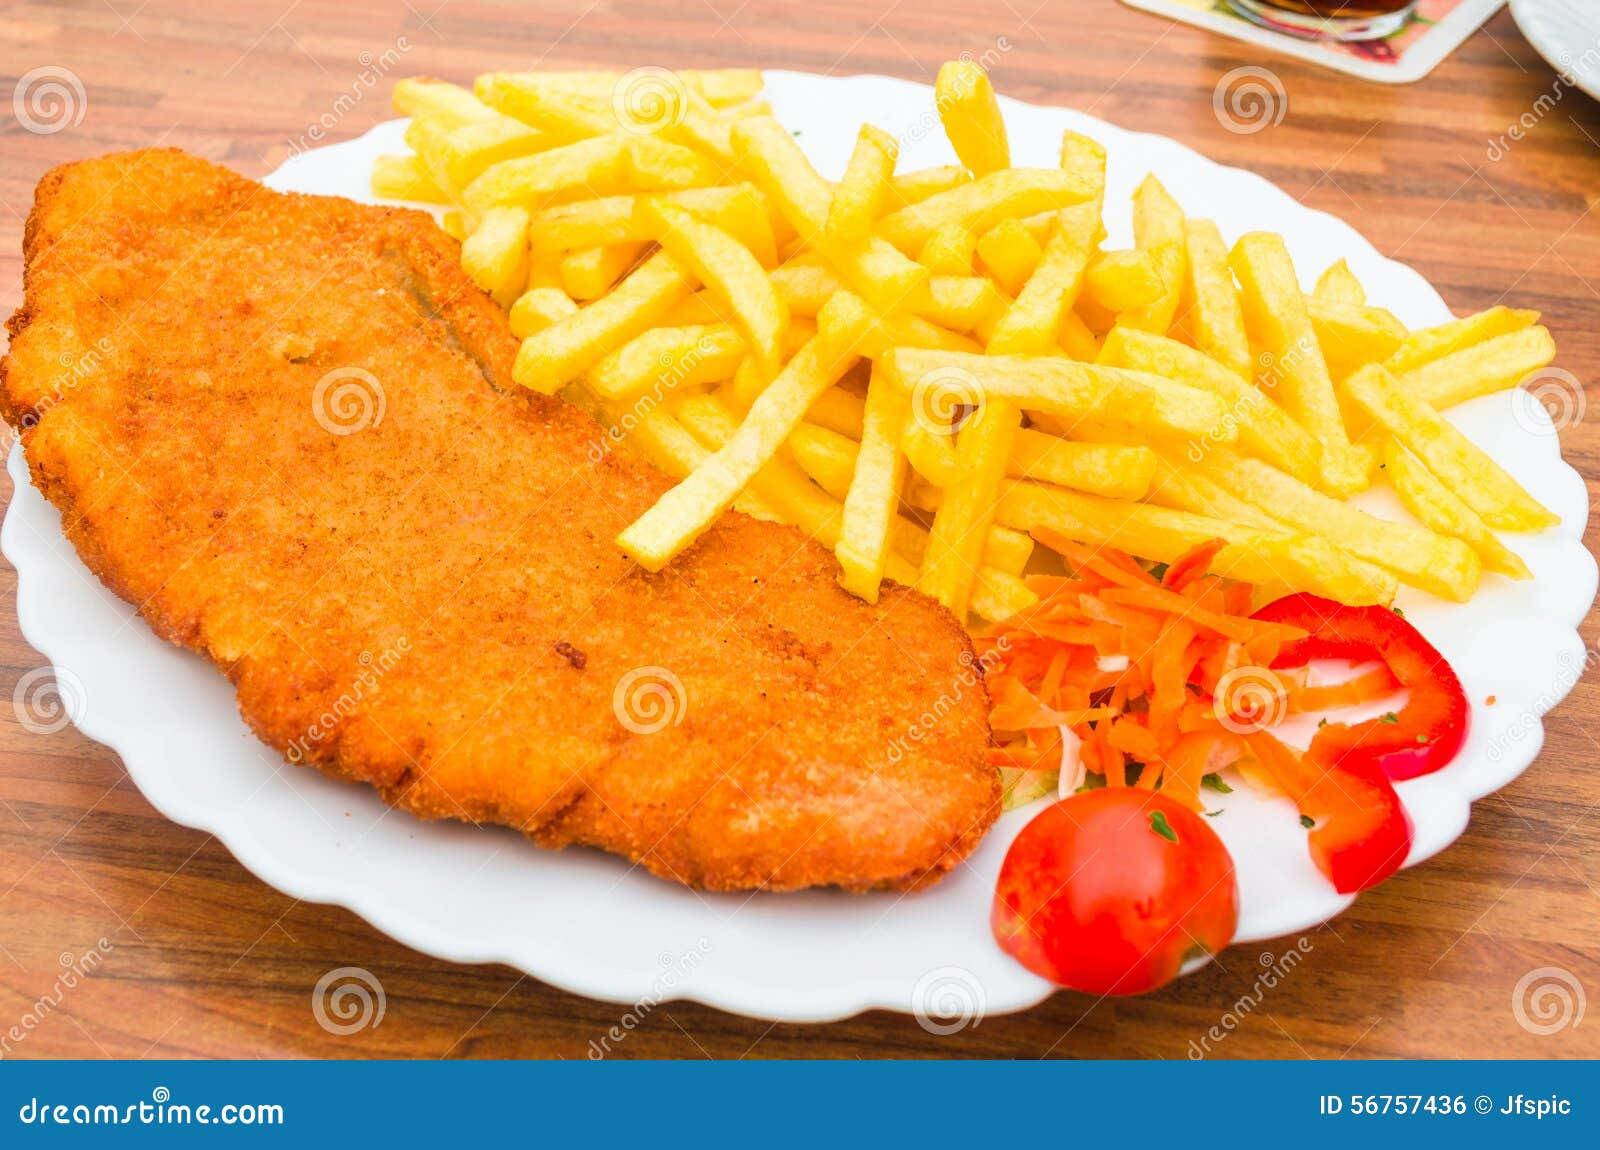 escalope-de-veau-de-saucisse-pommes-frites-56757436